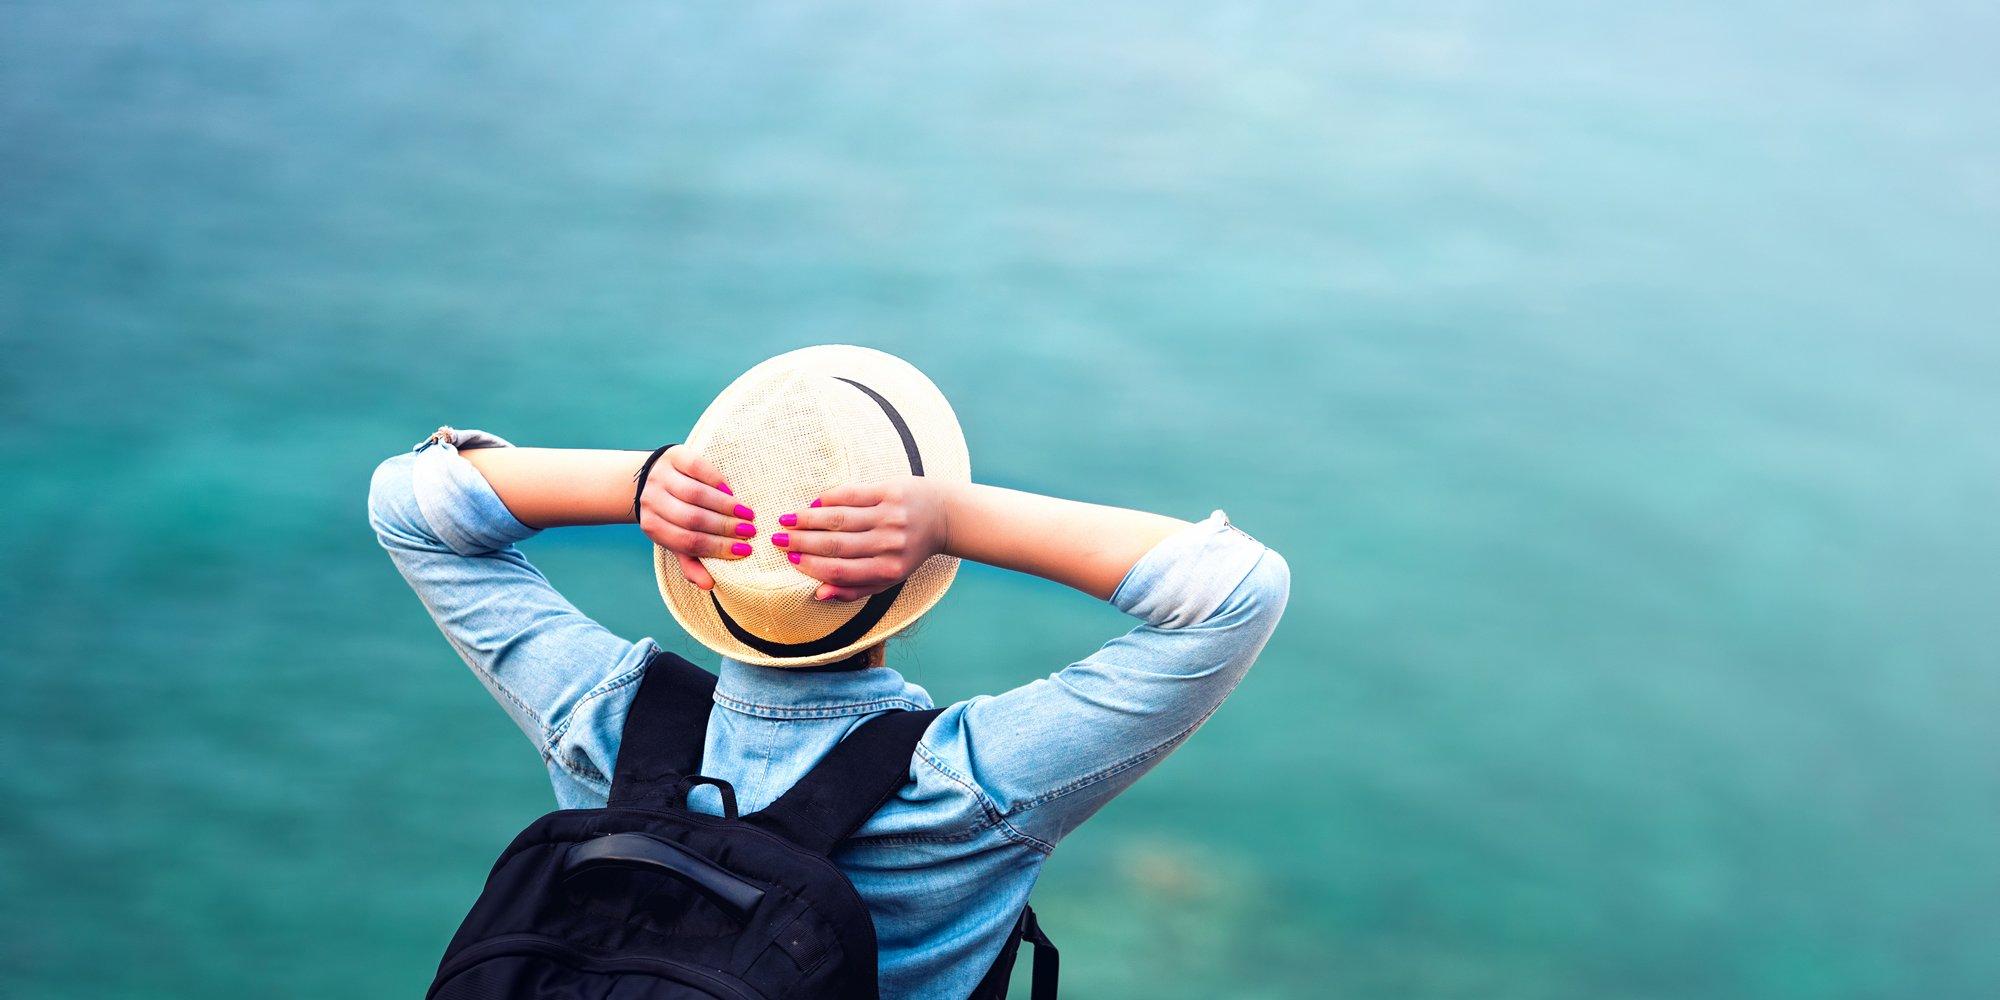 Kis 5 utili consigli per il rientro dalle vacanze | gallery 4